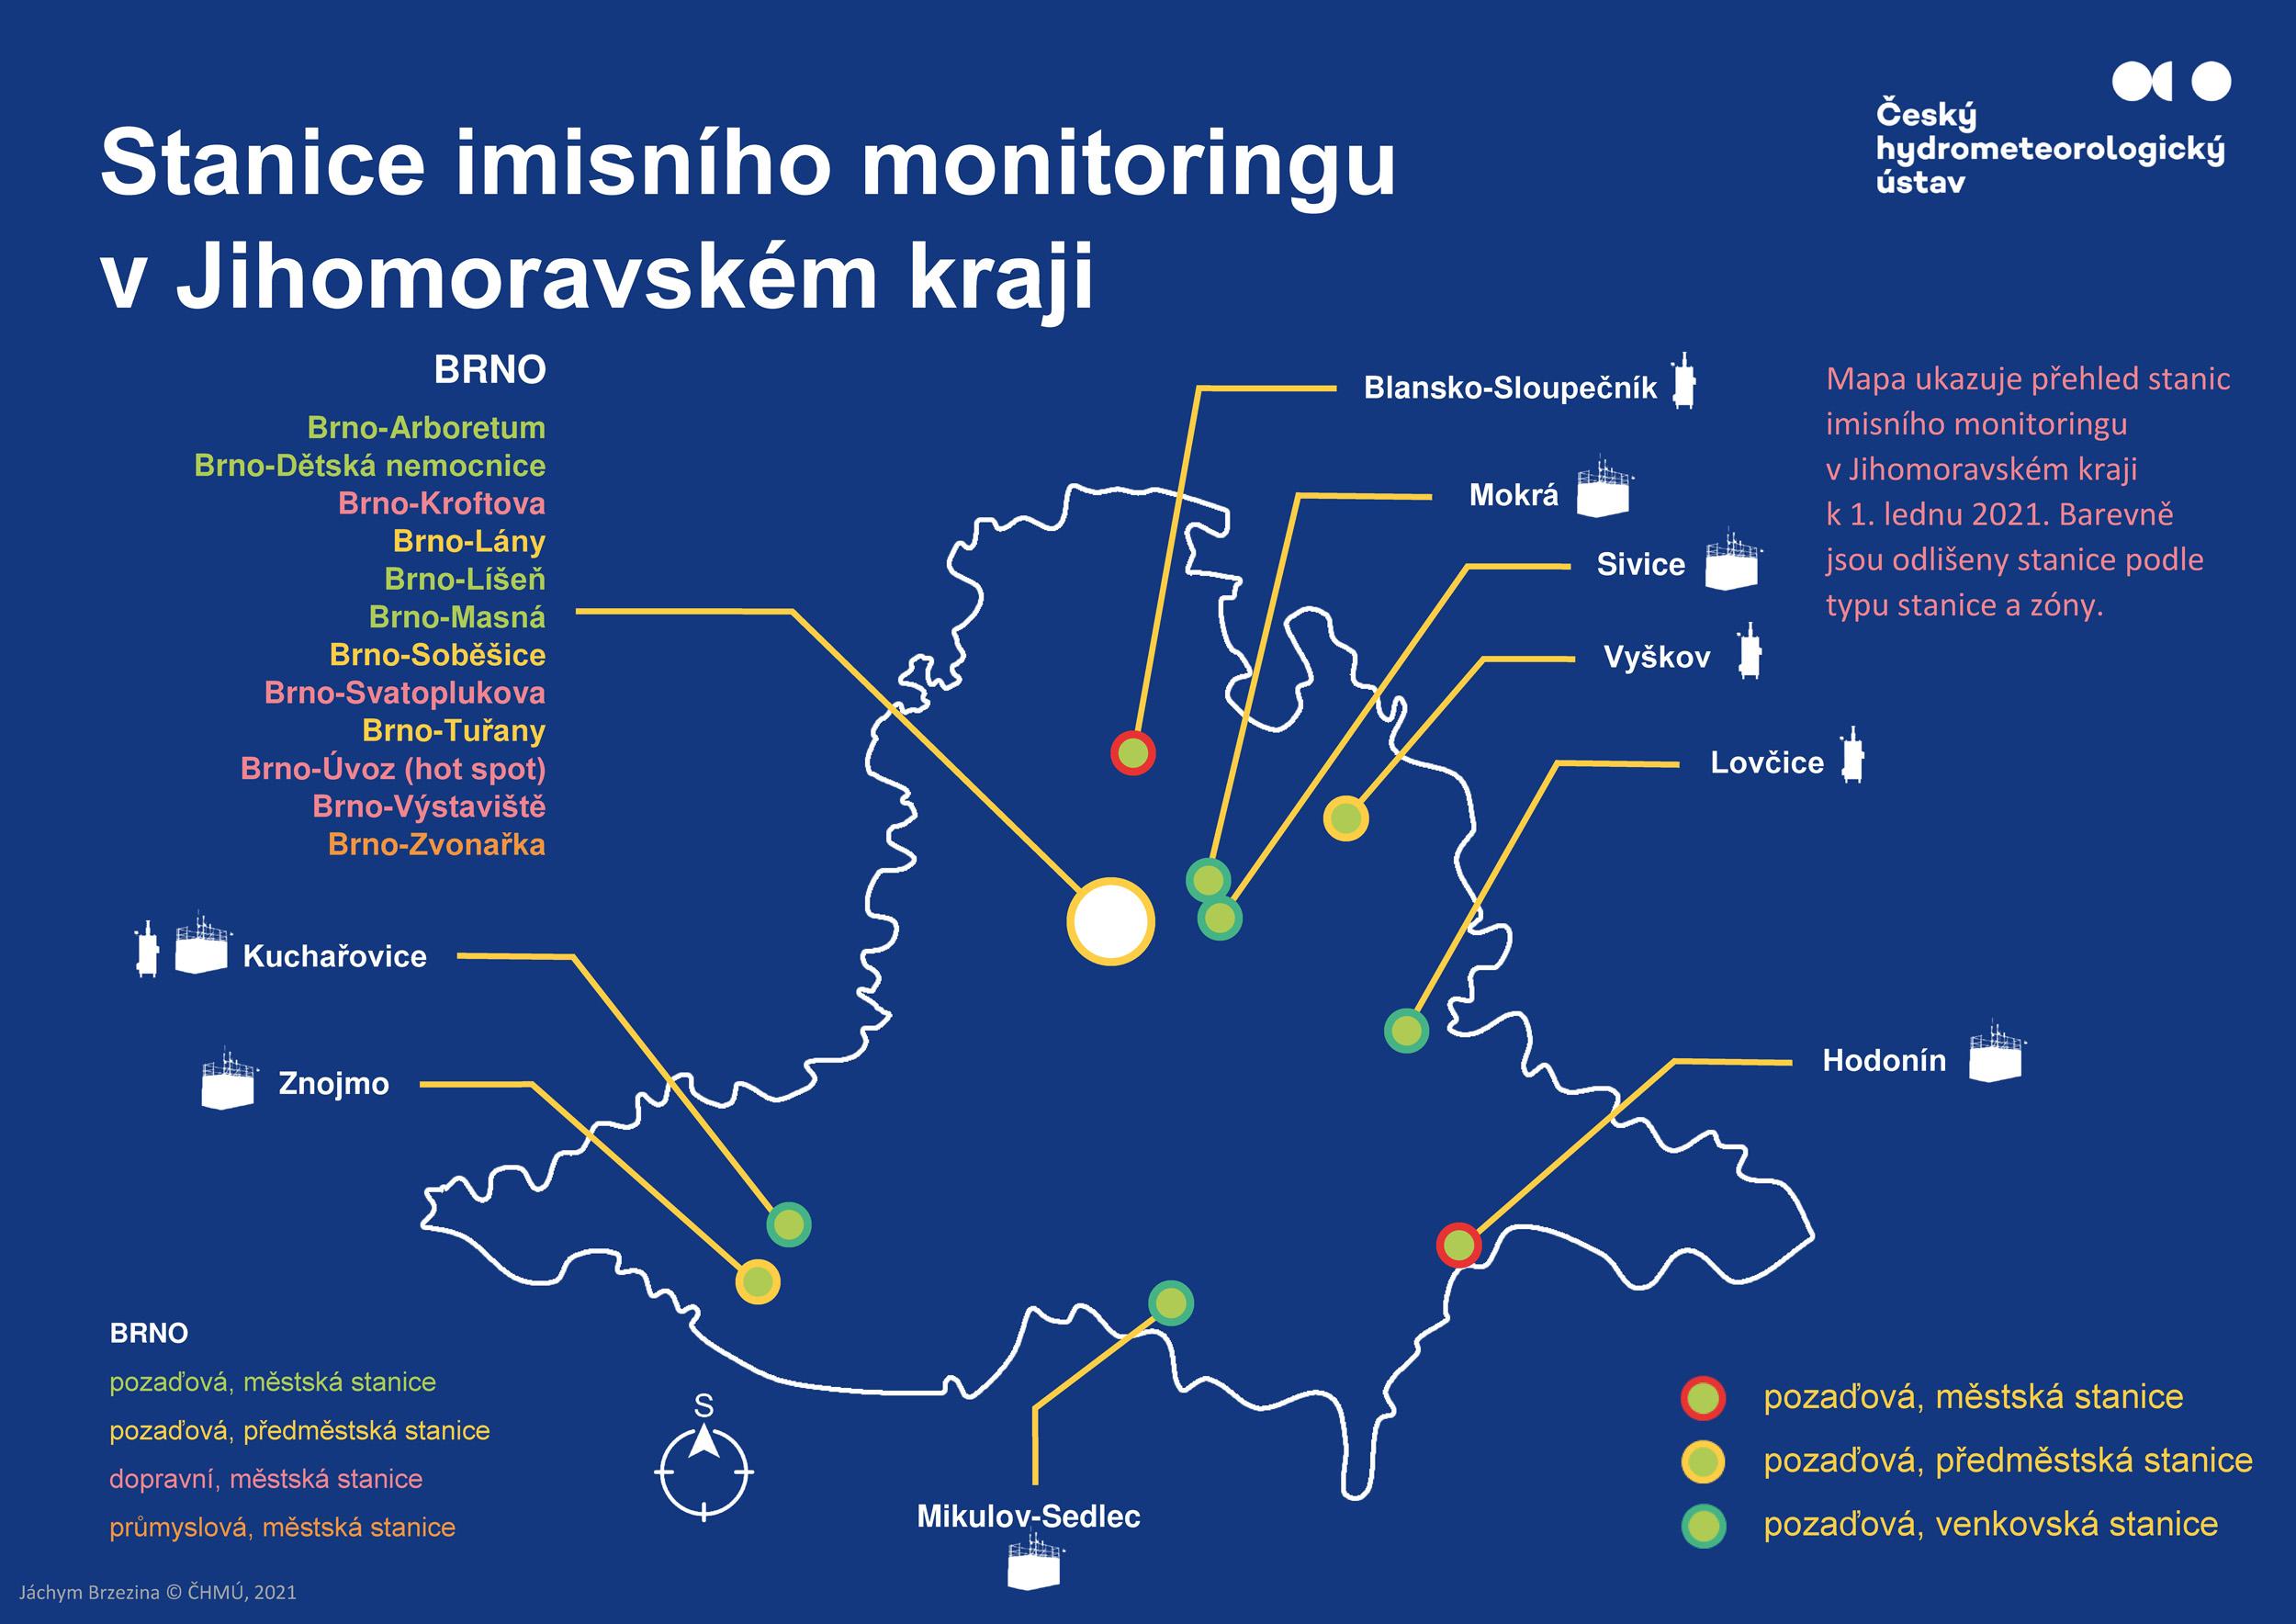 Stanice imisního monitoringu v Jihomoravském kraji*